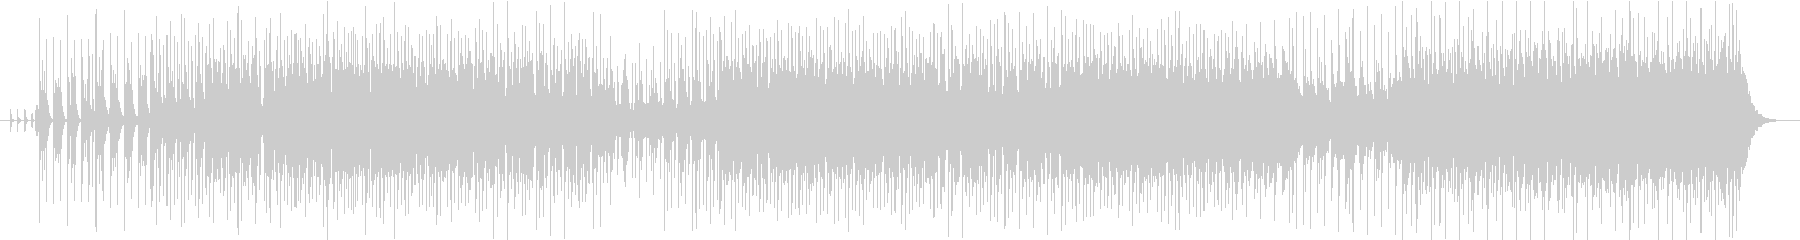 沢山の音とピアノのフレーズが交差する曲の未再生の波形